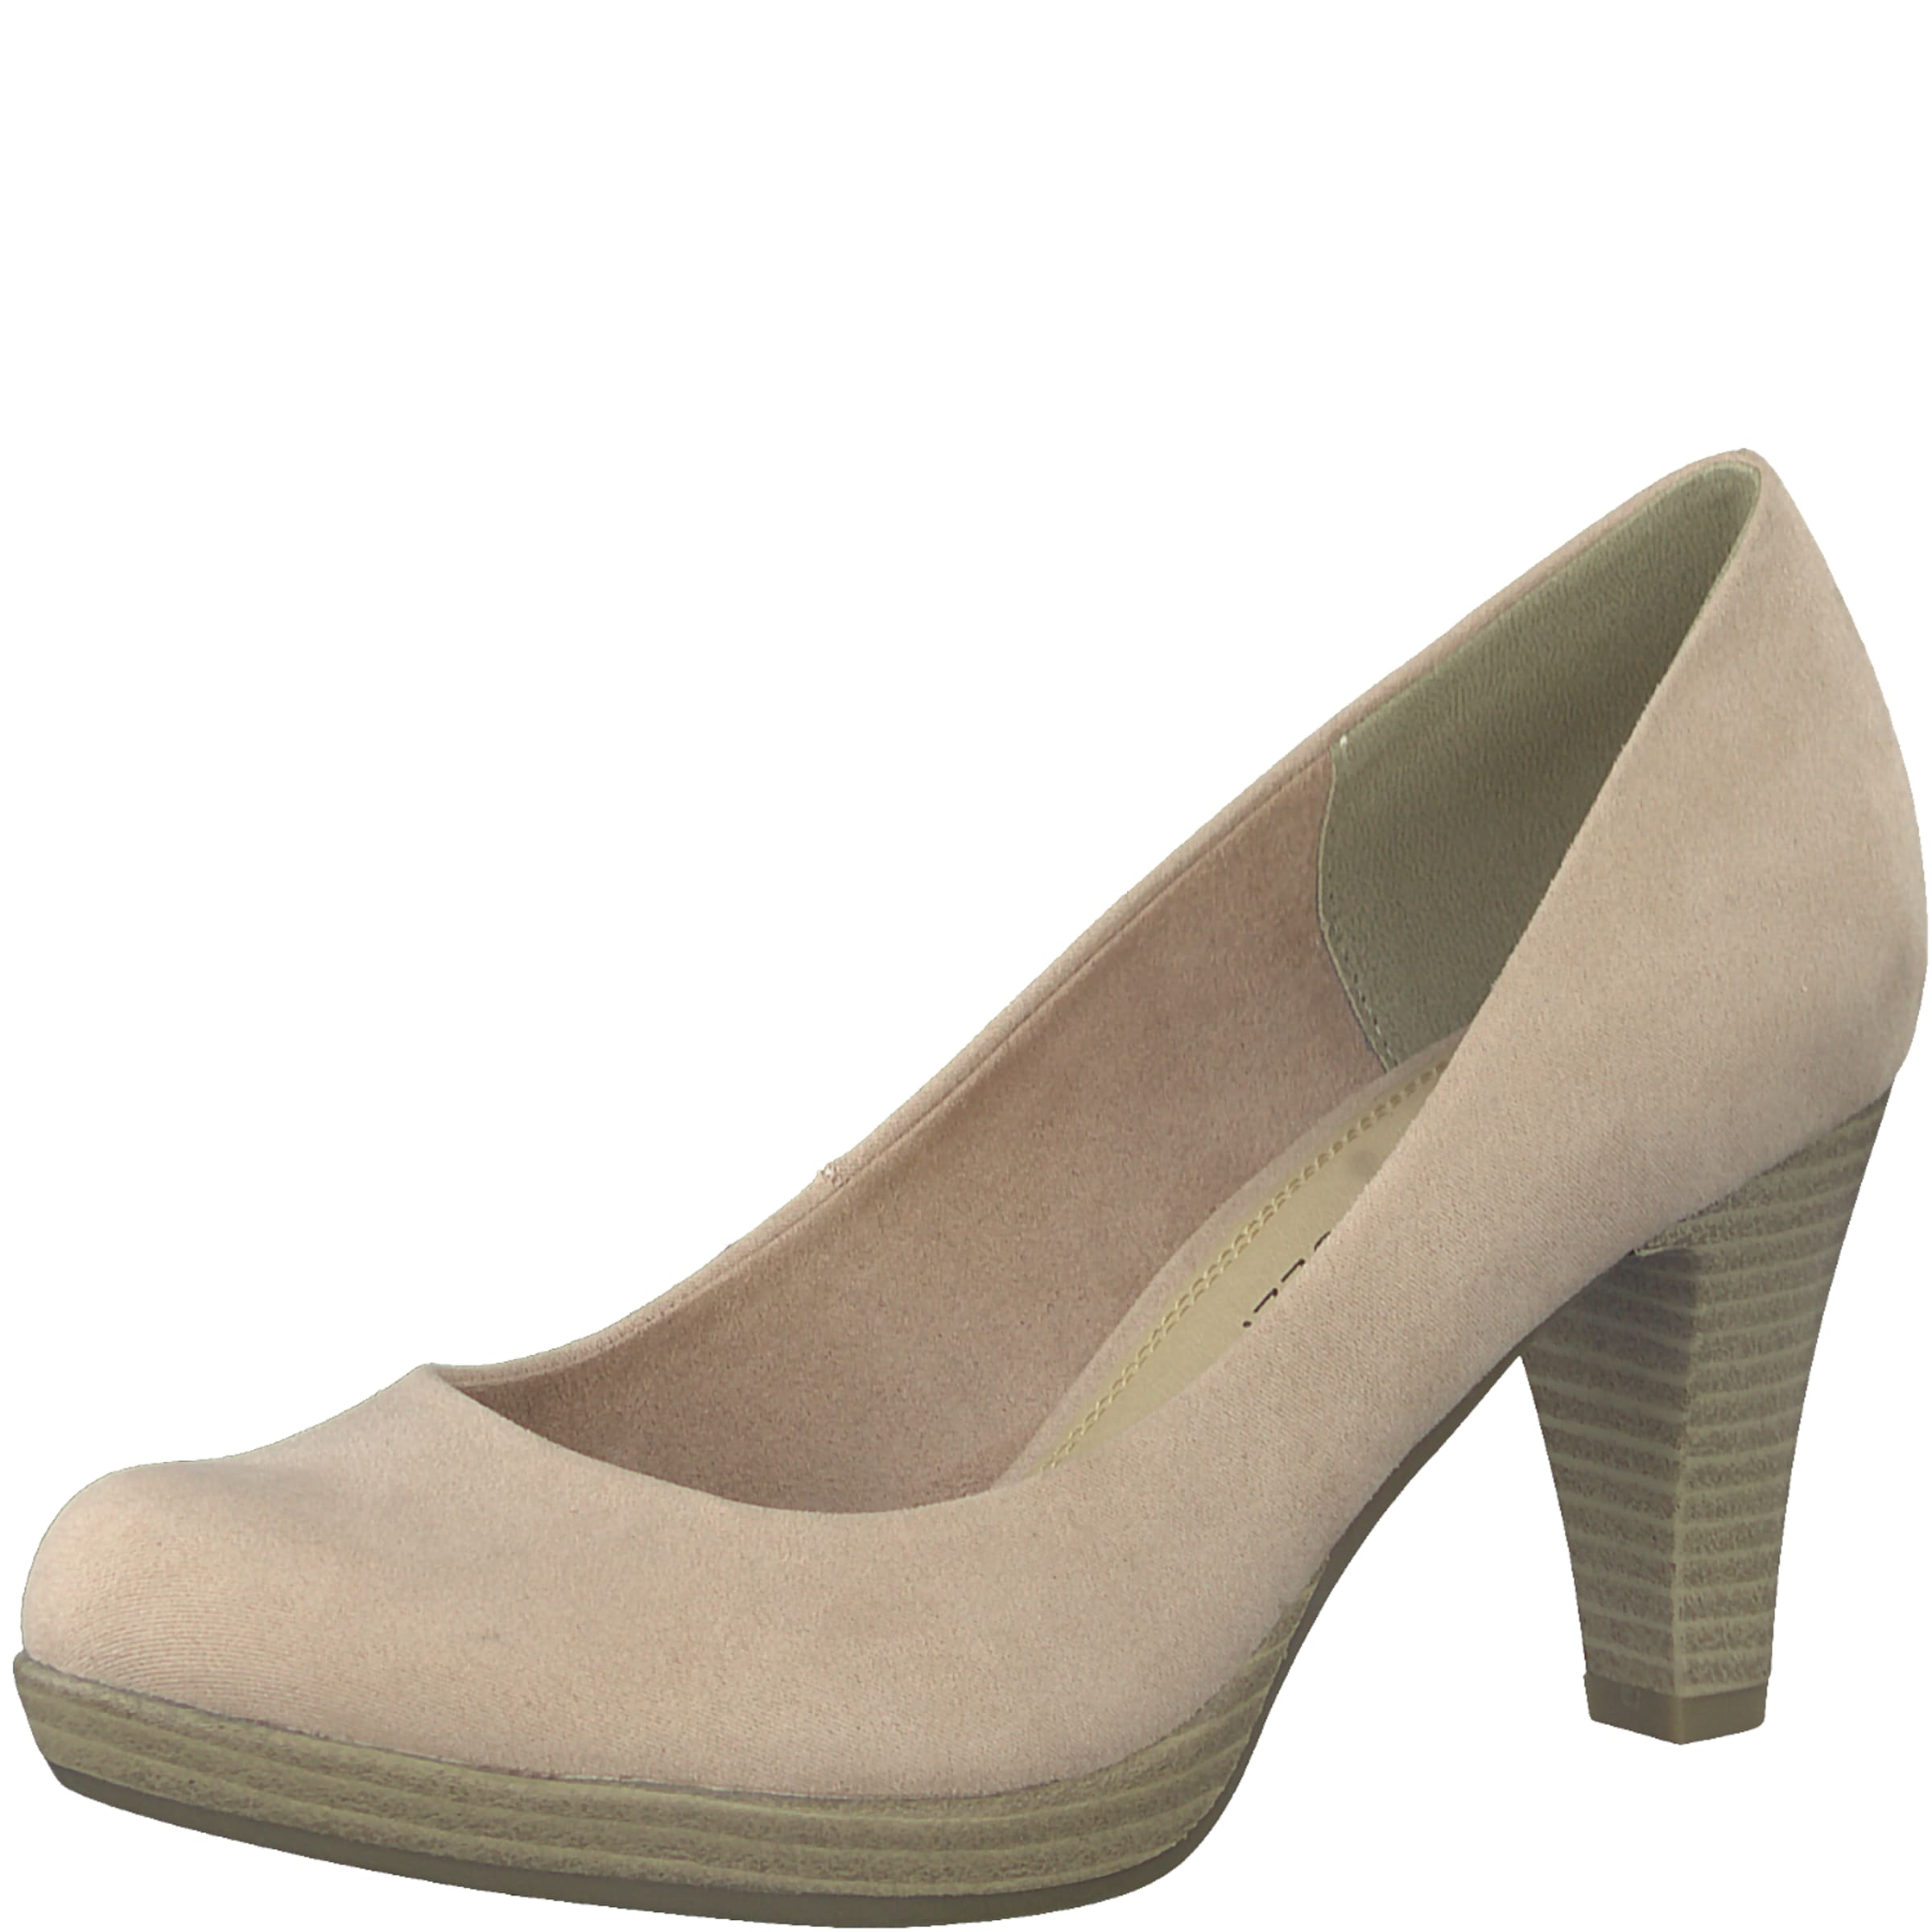 MARCO TOZZI Pump Verschleißfeste billige Schuhe